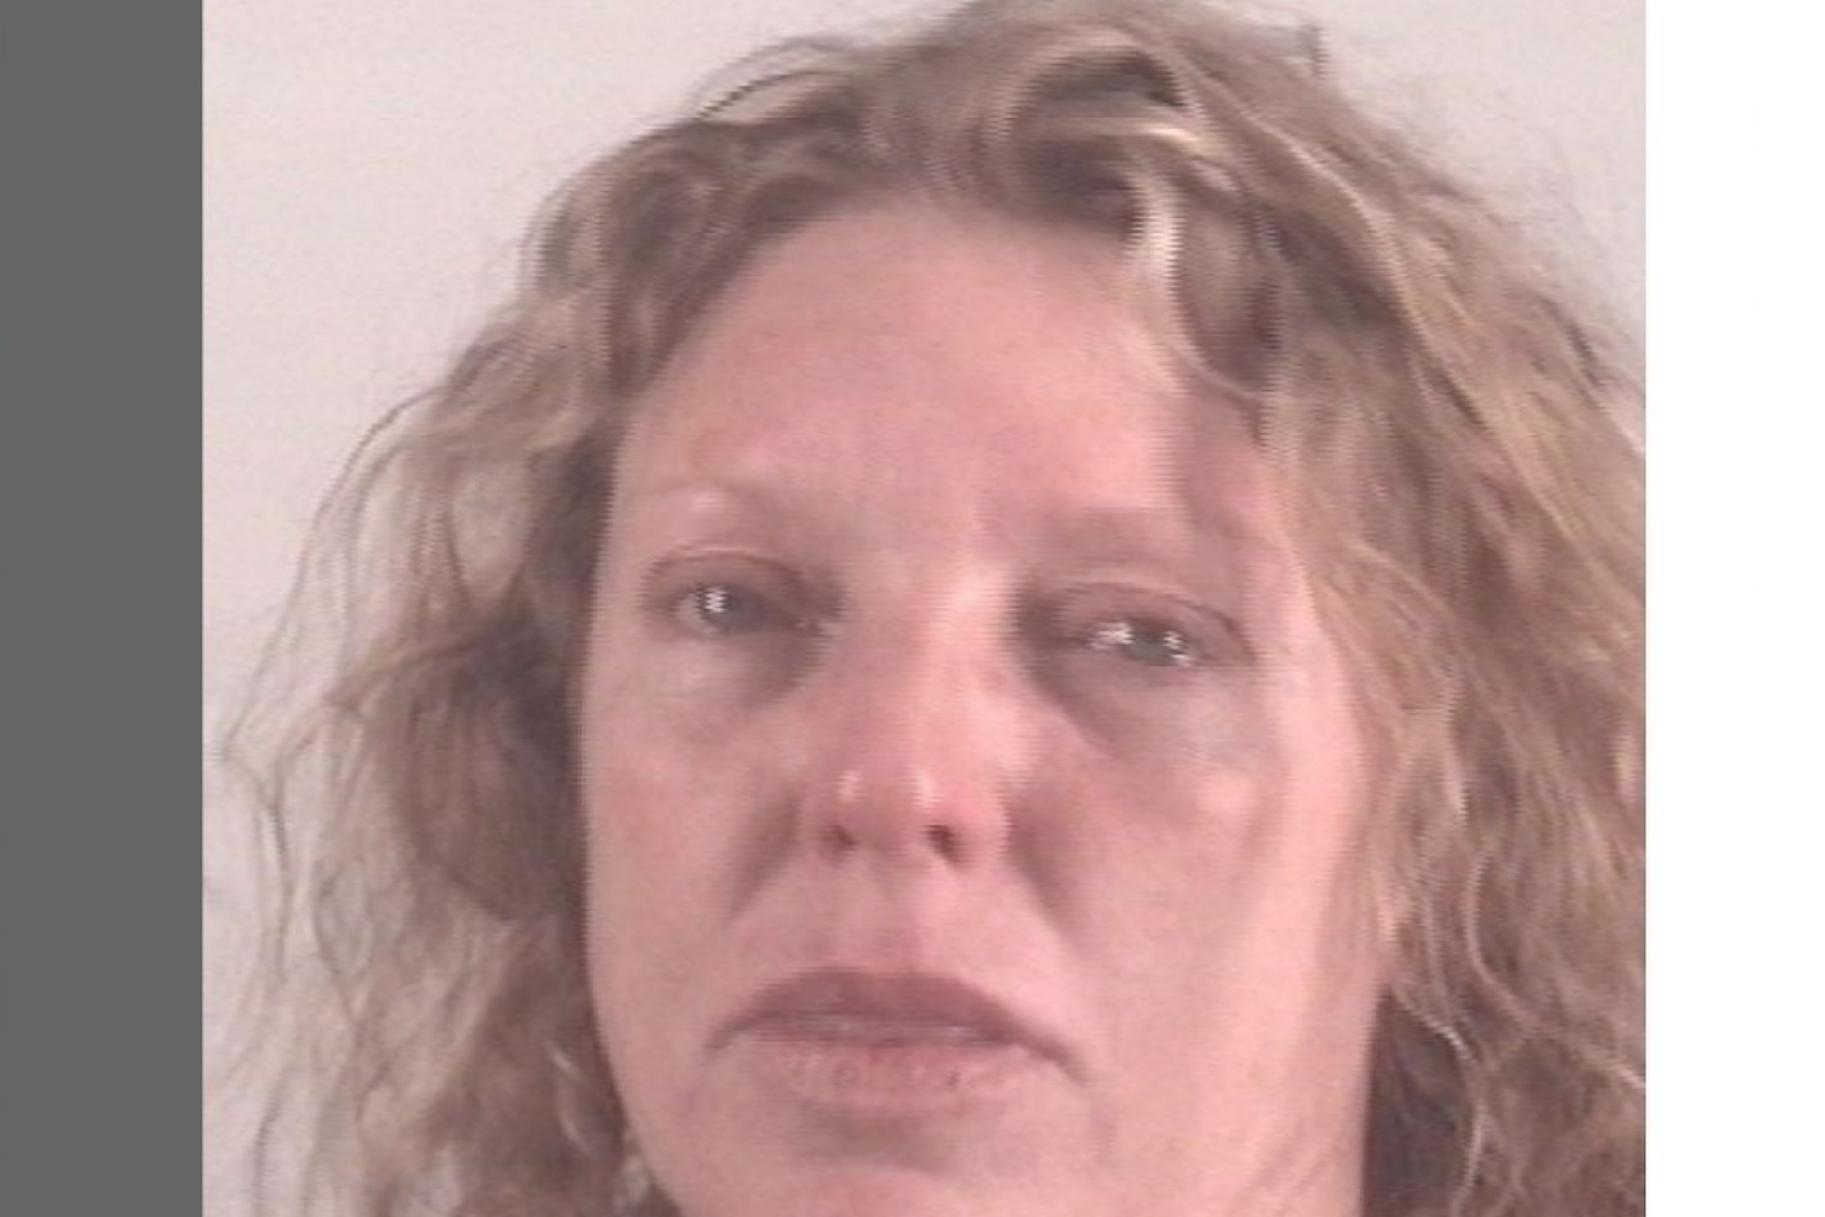 Madre de 'adolescente de la gripe' encarcelada después de dar positivo por drogas, dice la policía